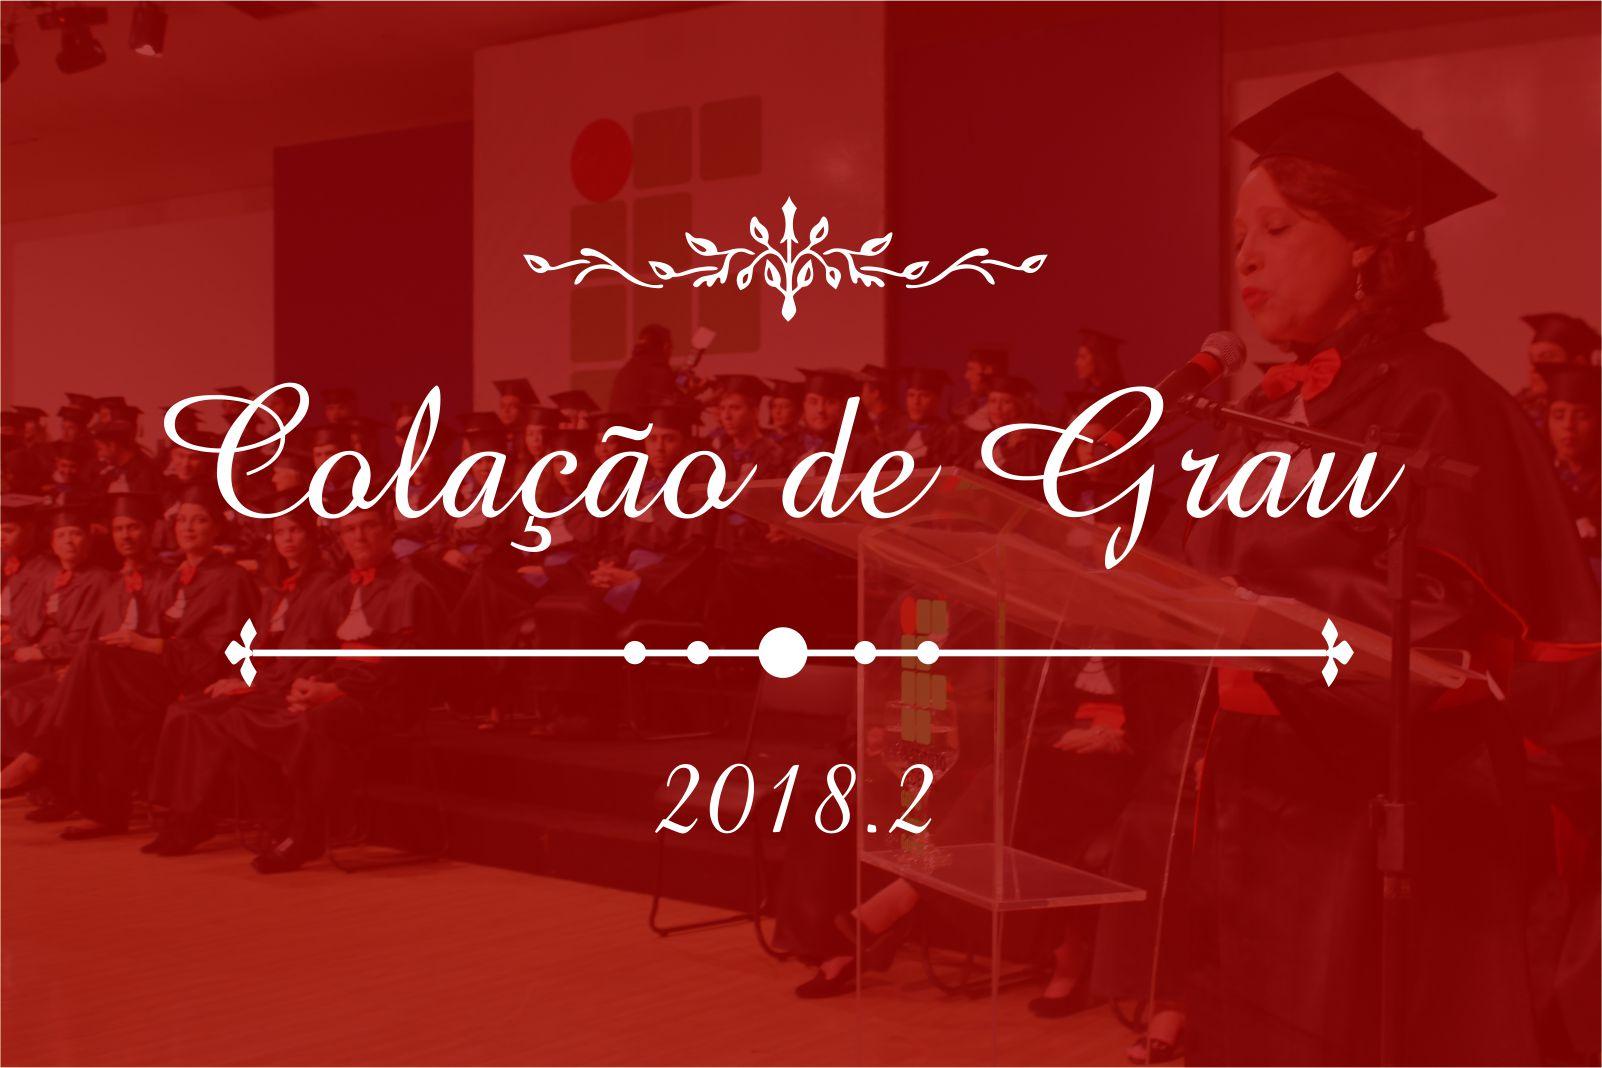 Banner sobre a Colação de Grau 2018/2 do IFG - Câmpus Goiânia